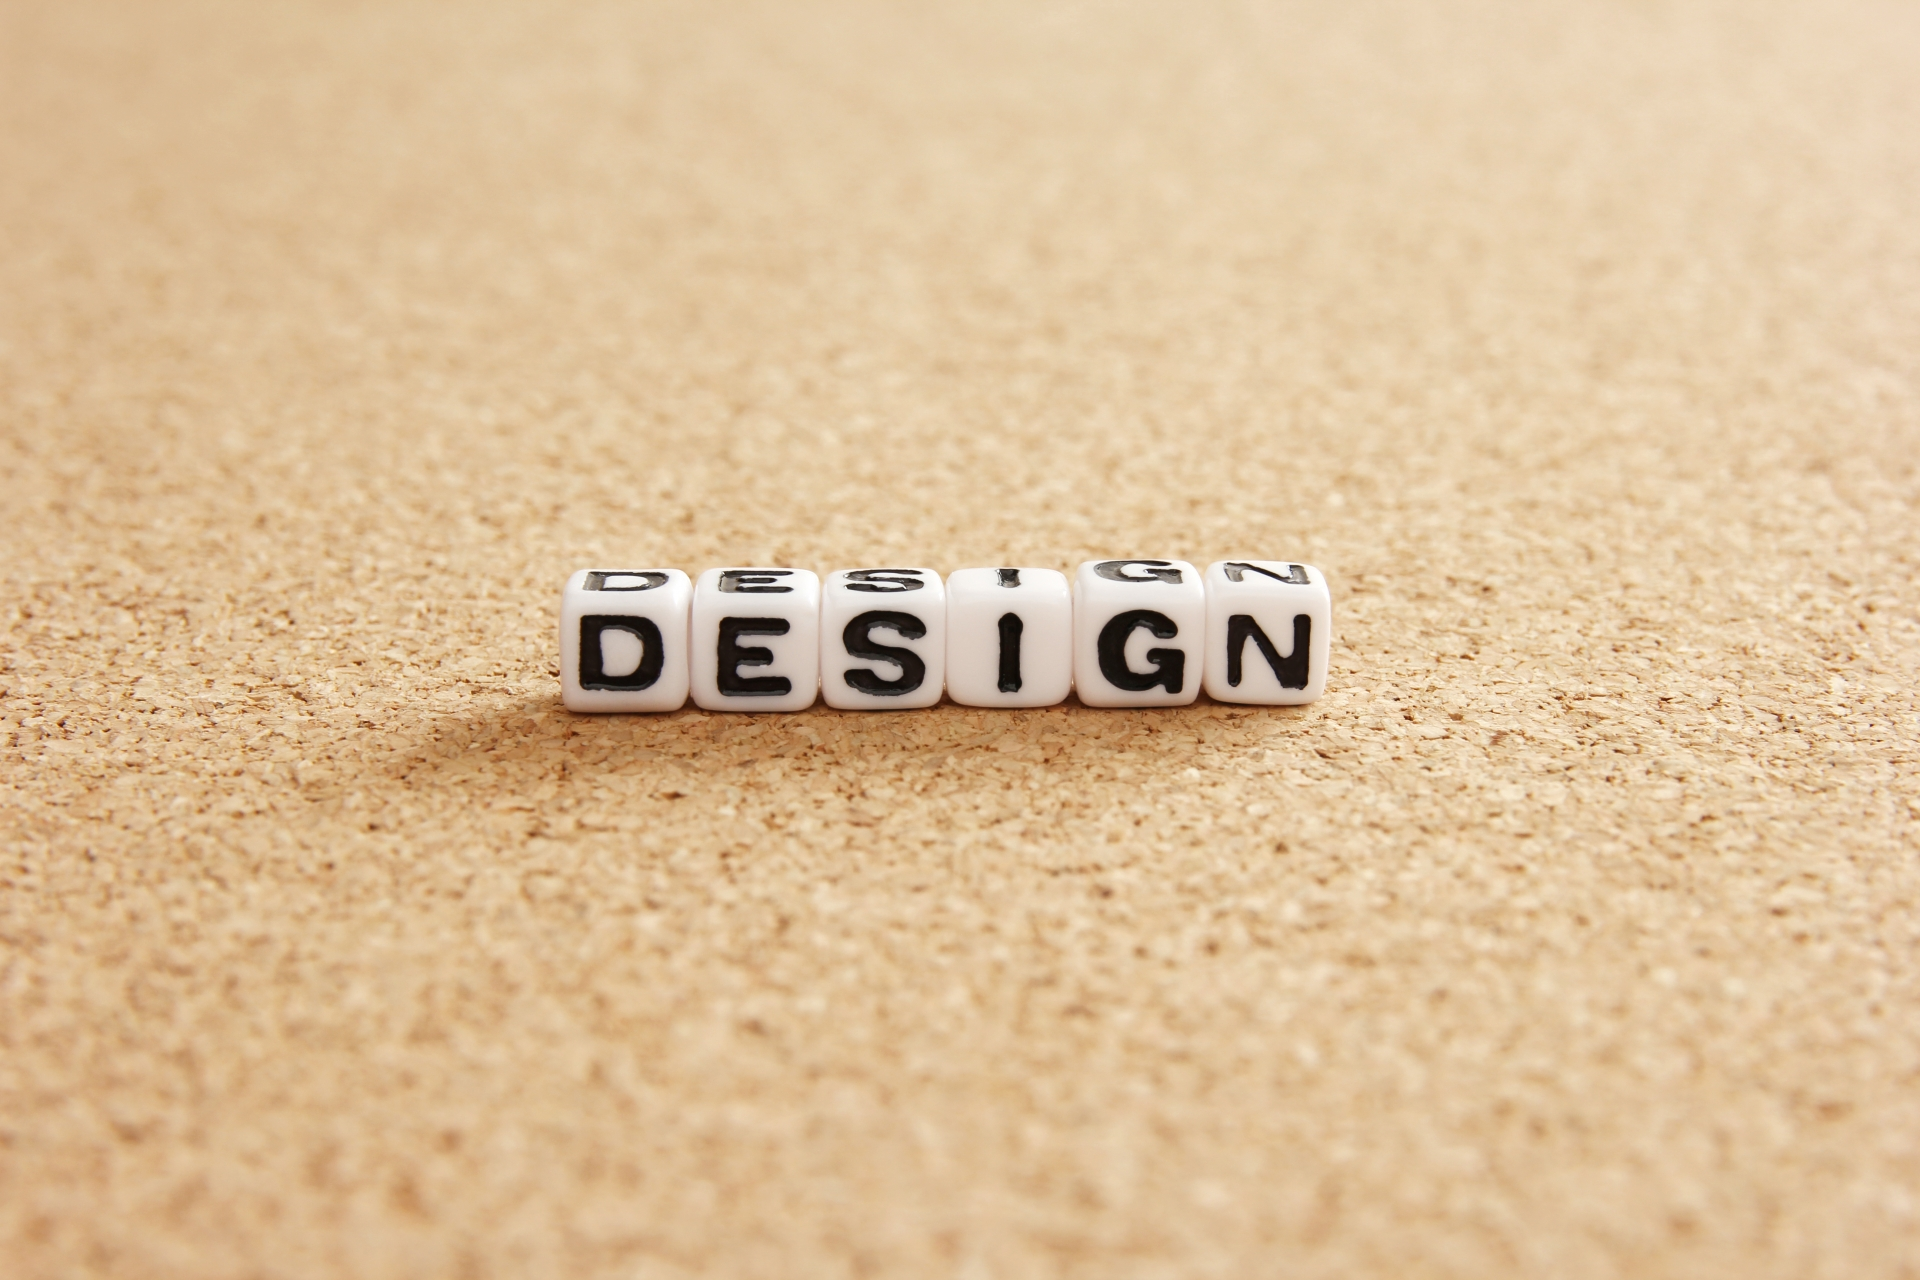 アプリ開発時のデザイン